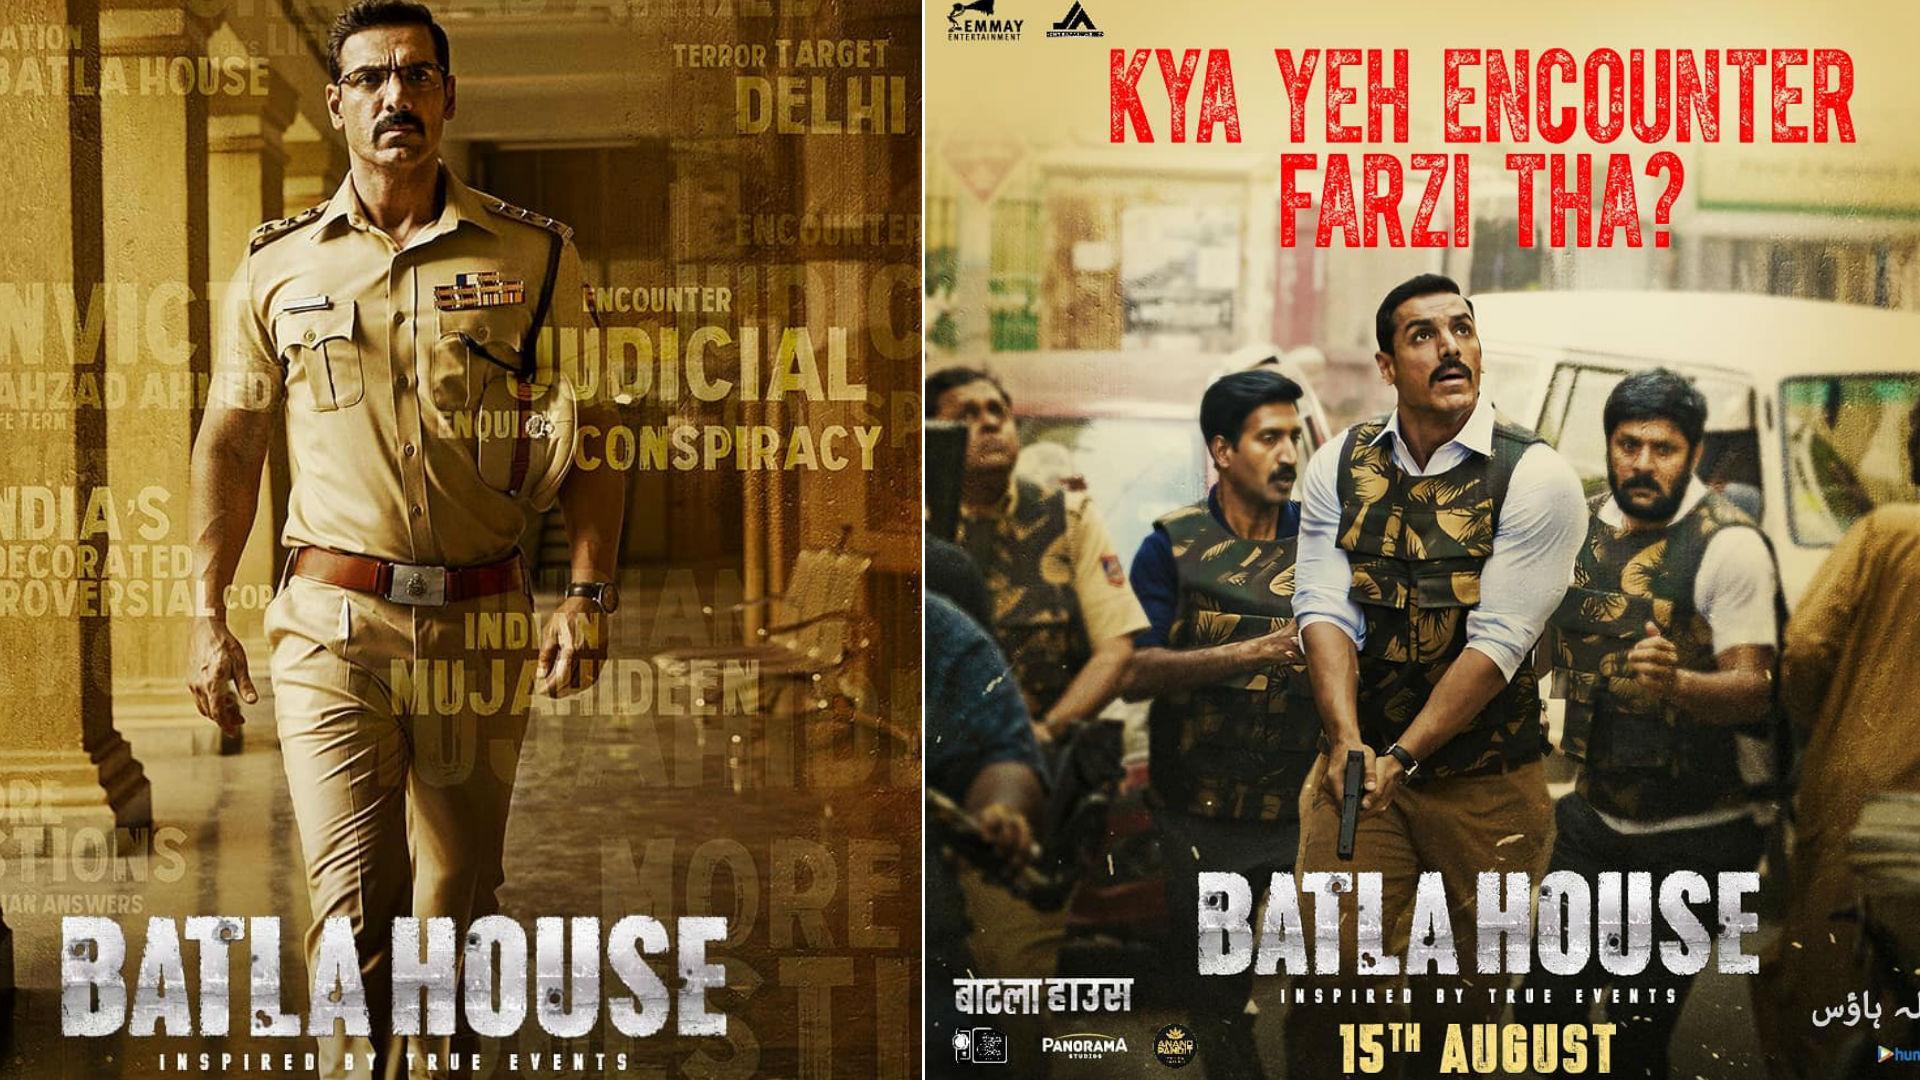 Batla House Trailer: जॉन अब्राहम की फिल्म बाटला हाउस का ट्रेलर रिलीज, जांबाज पुलिस अफसर के रोल में दिखे एक्टर